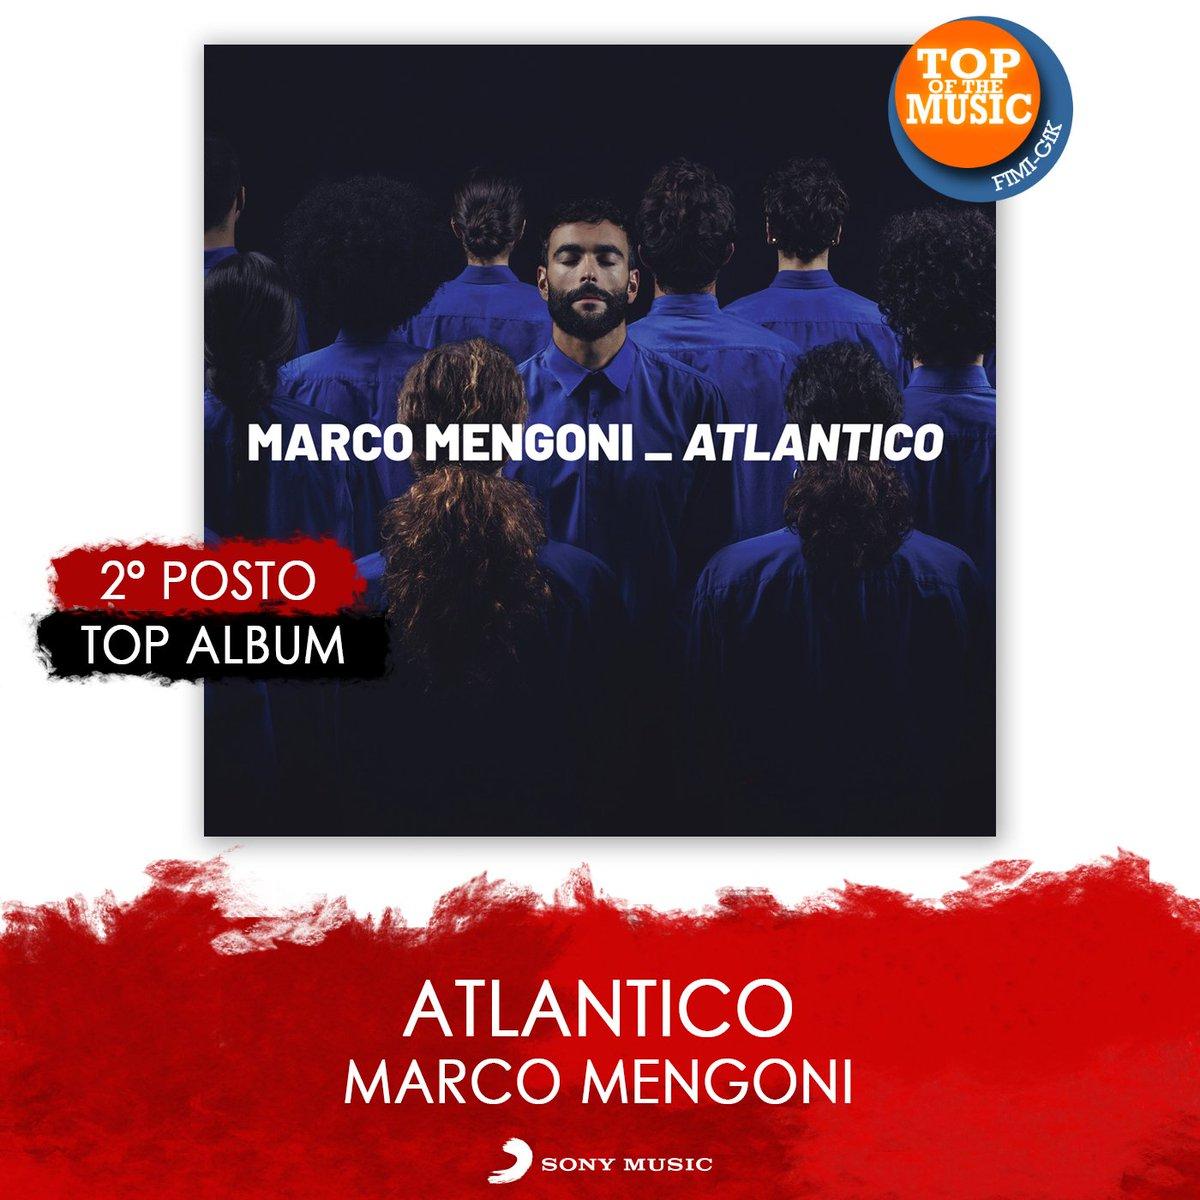 #Atlantico di @mengonimarco è ancora una volta sul podio della classifica degli album più venduti! 🌊💿